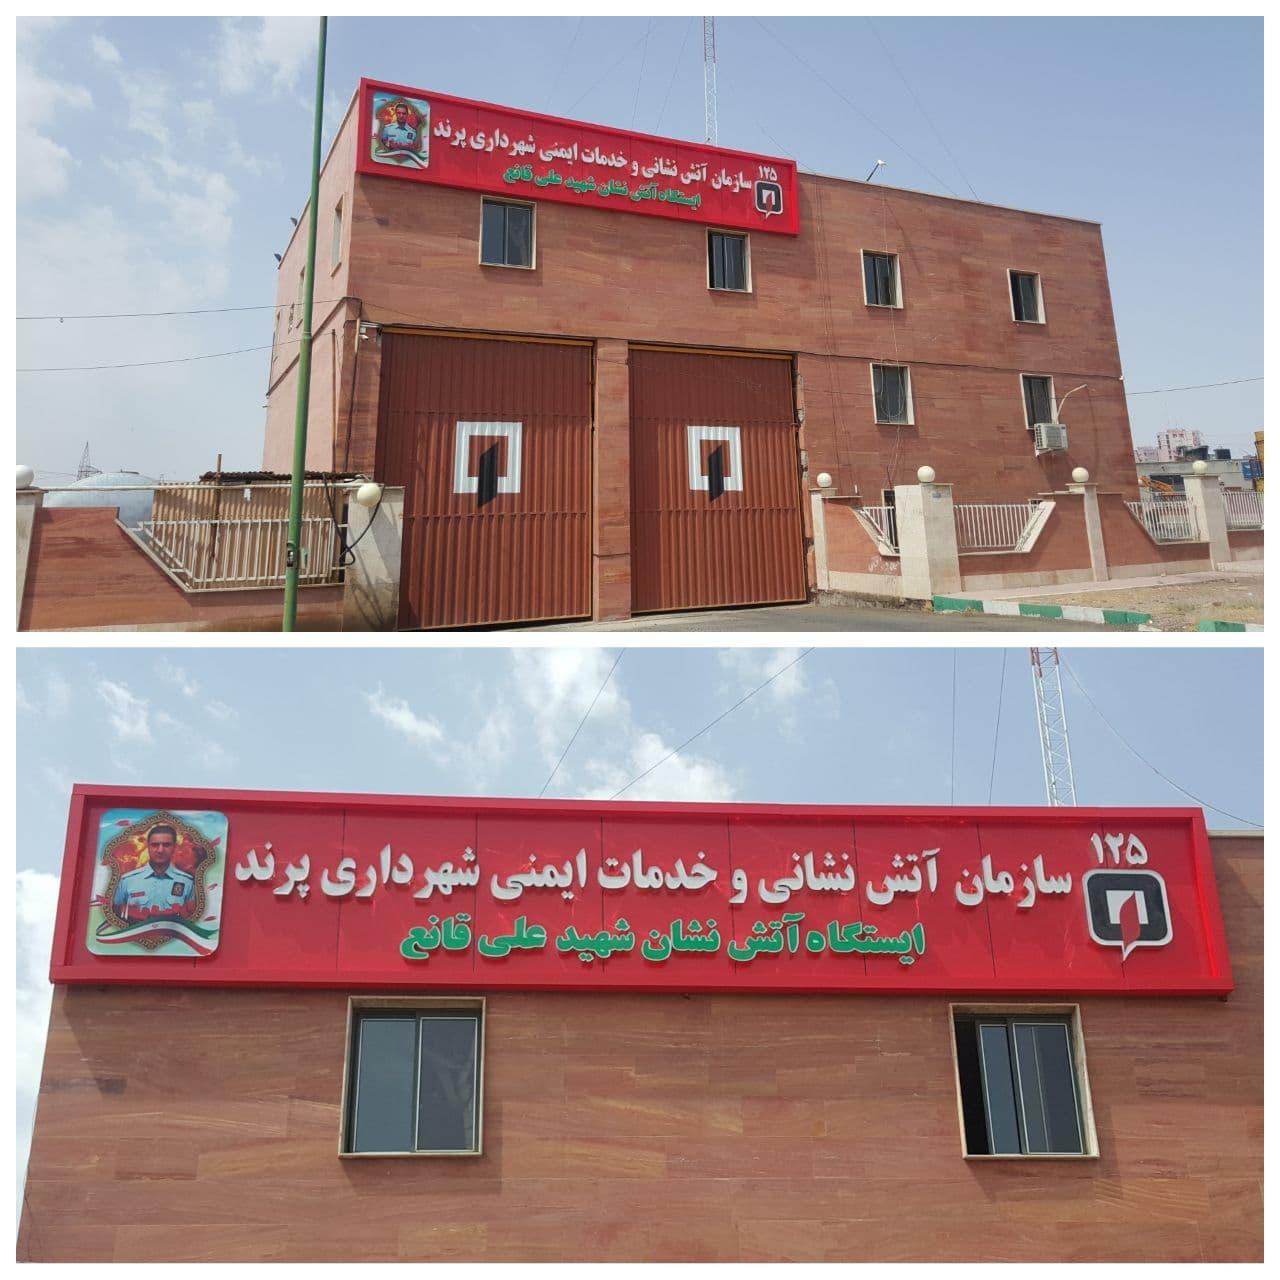 ایستگاه آتش نشانی پرند به نام و تصویر شهید علی قانع مزین شد